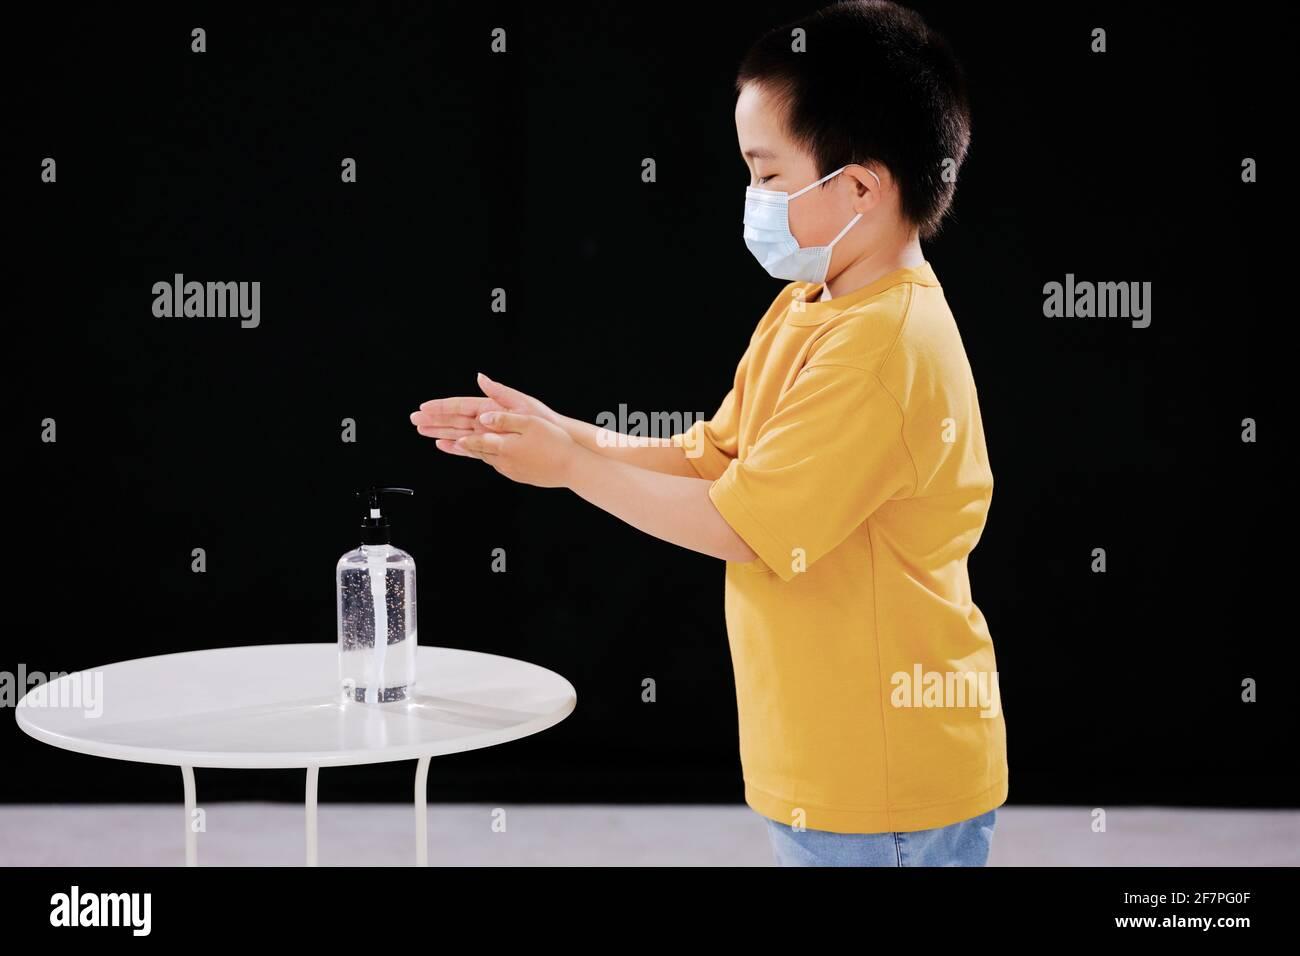 Un niño pequeño con máscaras usa desinfectante para manos Foto de stock